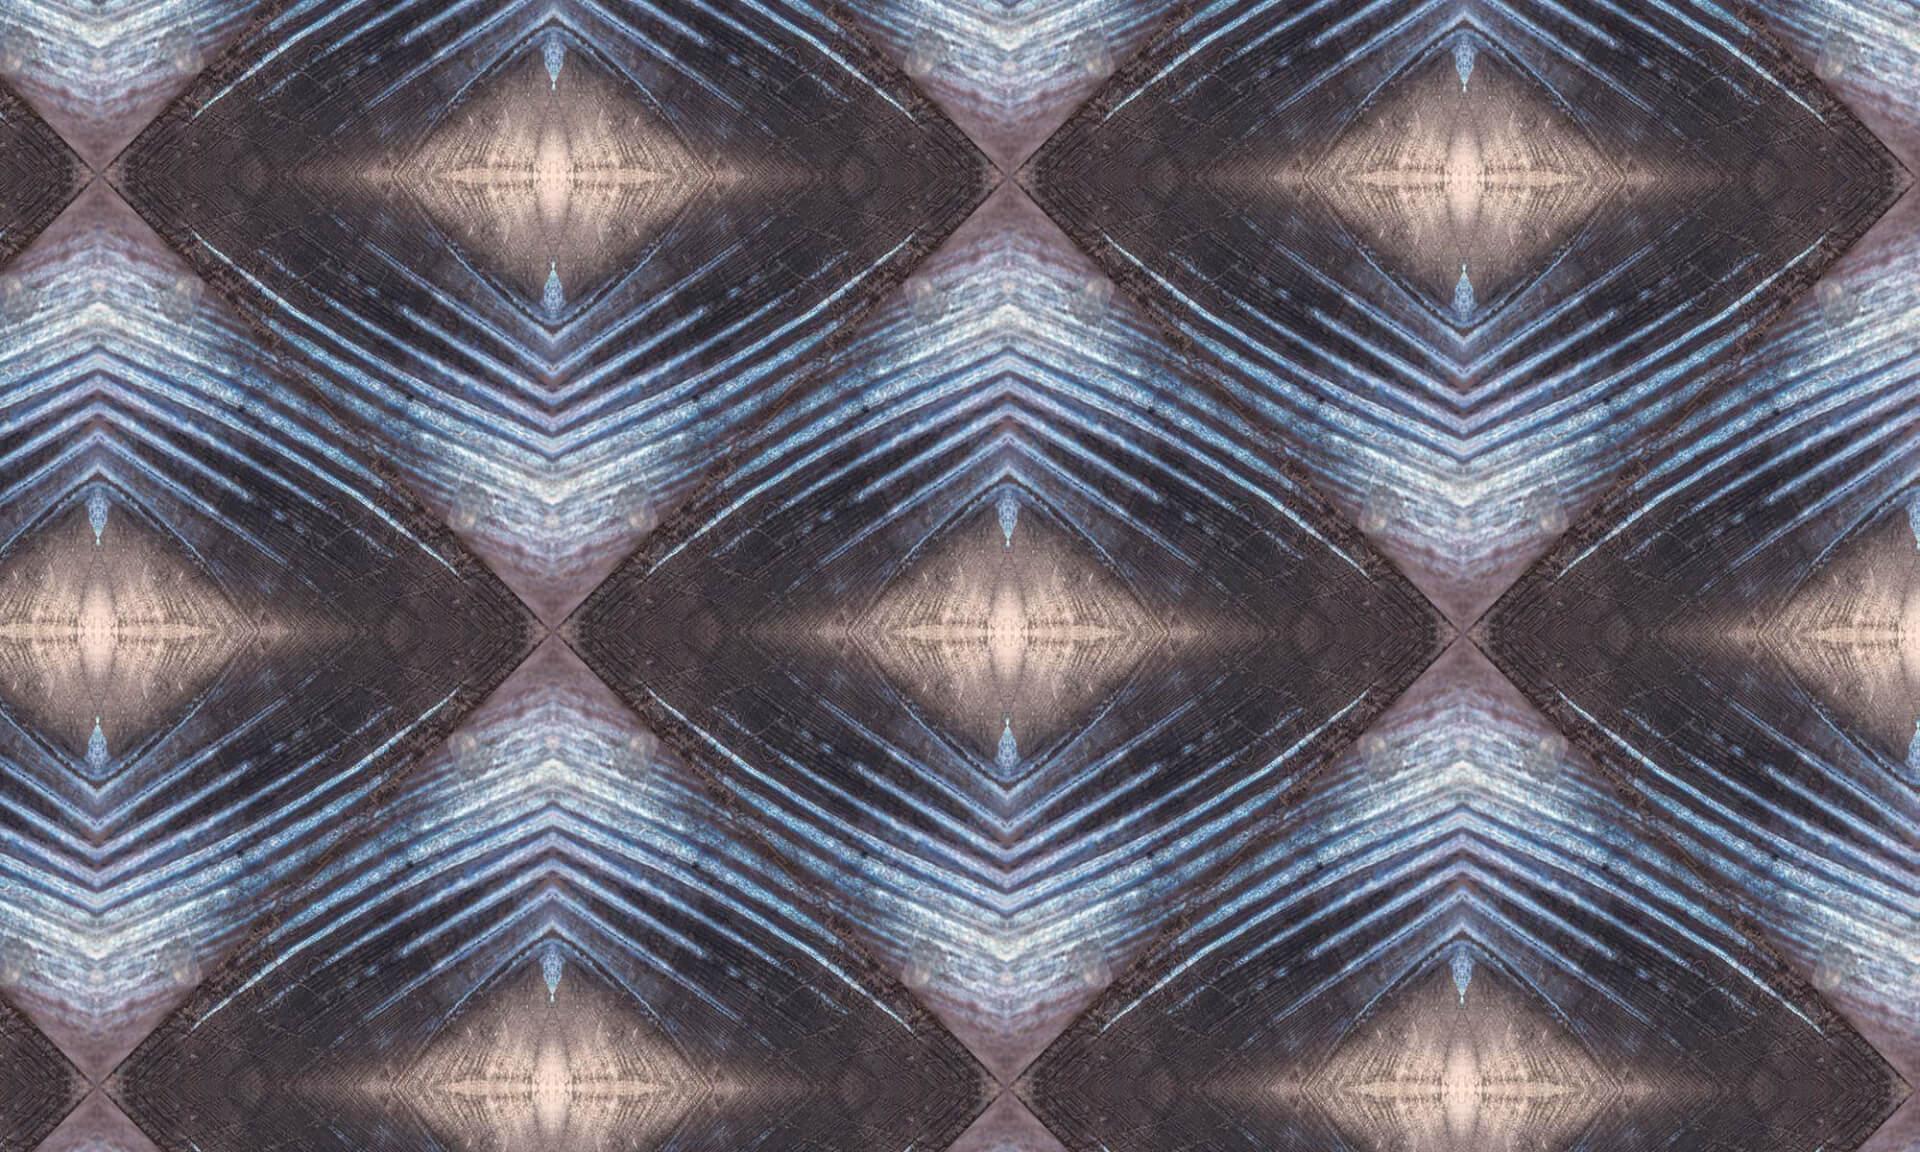 Mackerel Fin BA0709-A Doug Garrabrants